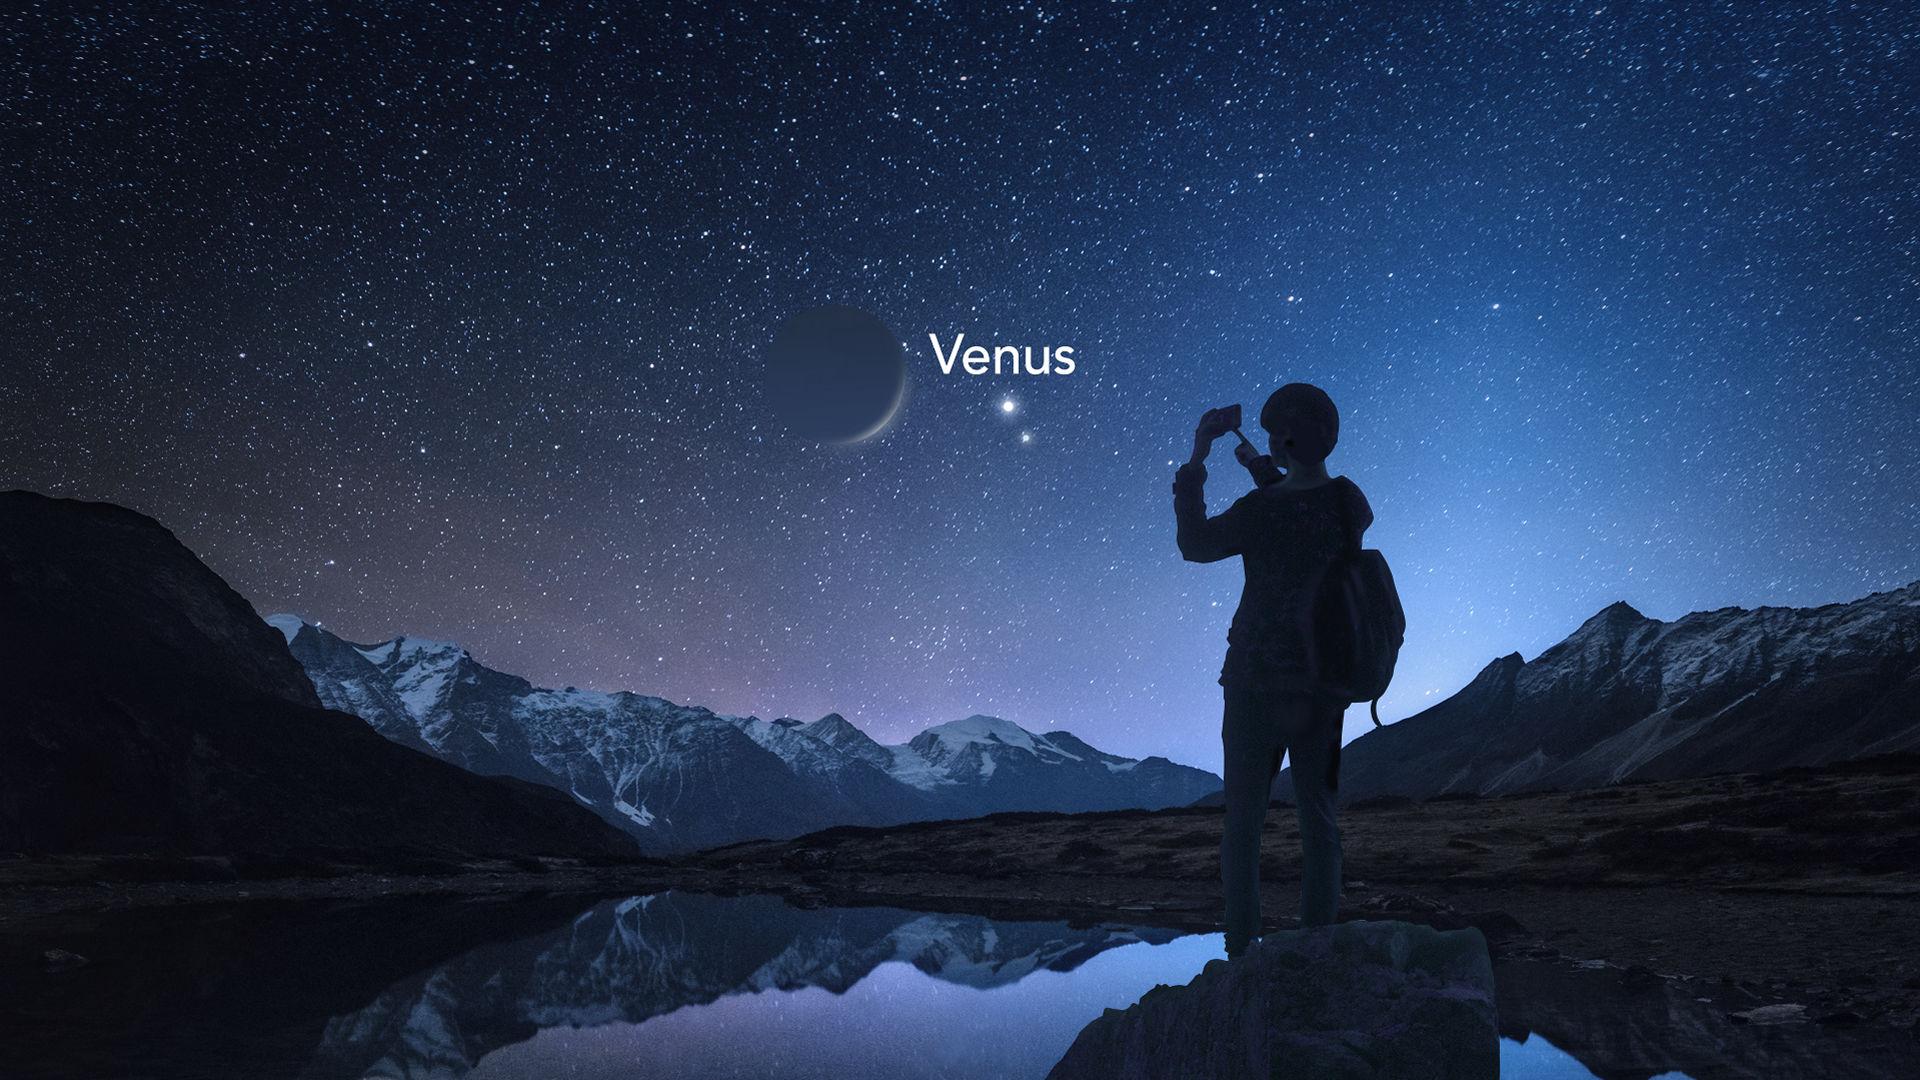 Nauwe benadering van de maan, Venus en Neptunus